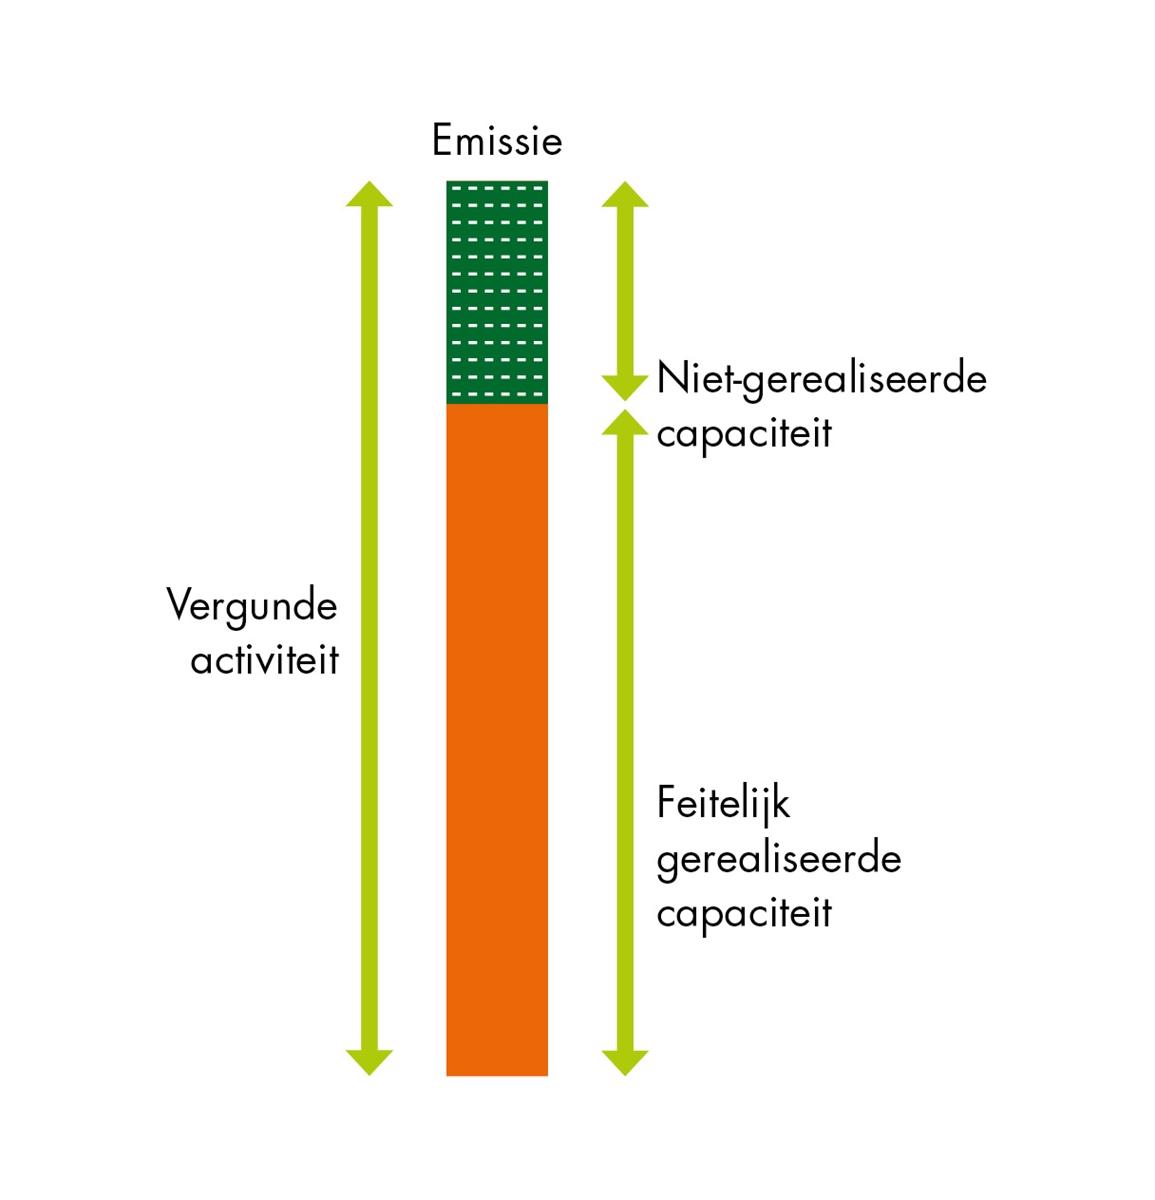 Figuur 1: Schematische weergave van feitelijk gerealiseerde capaciteit